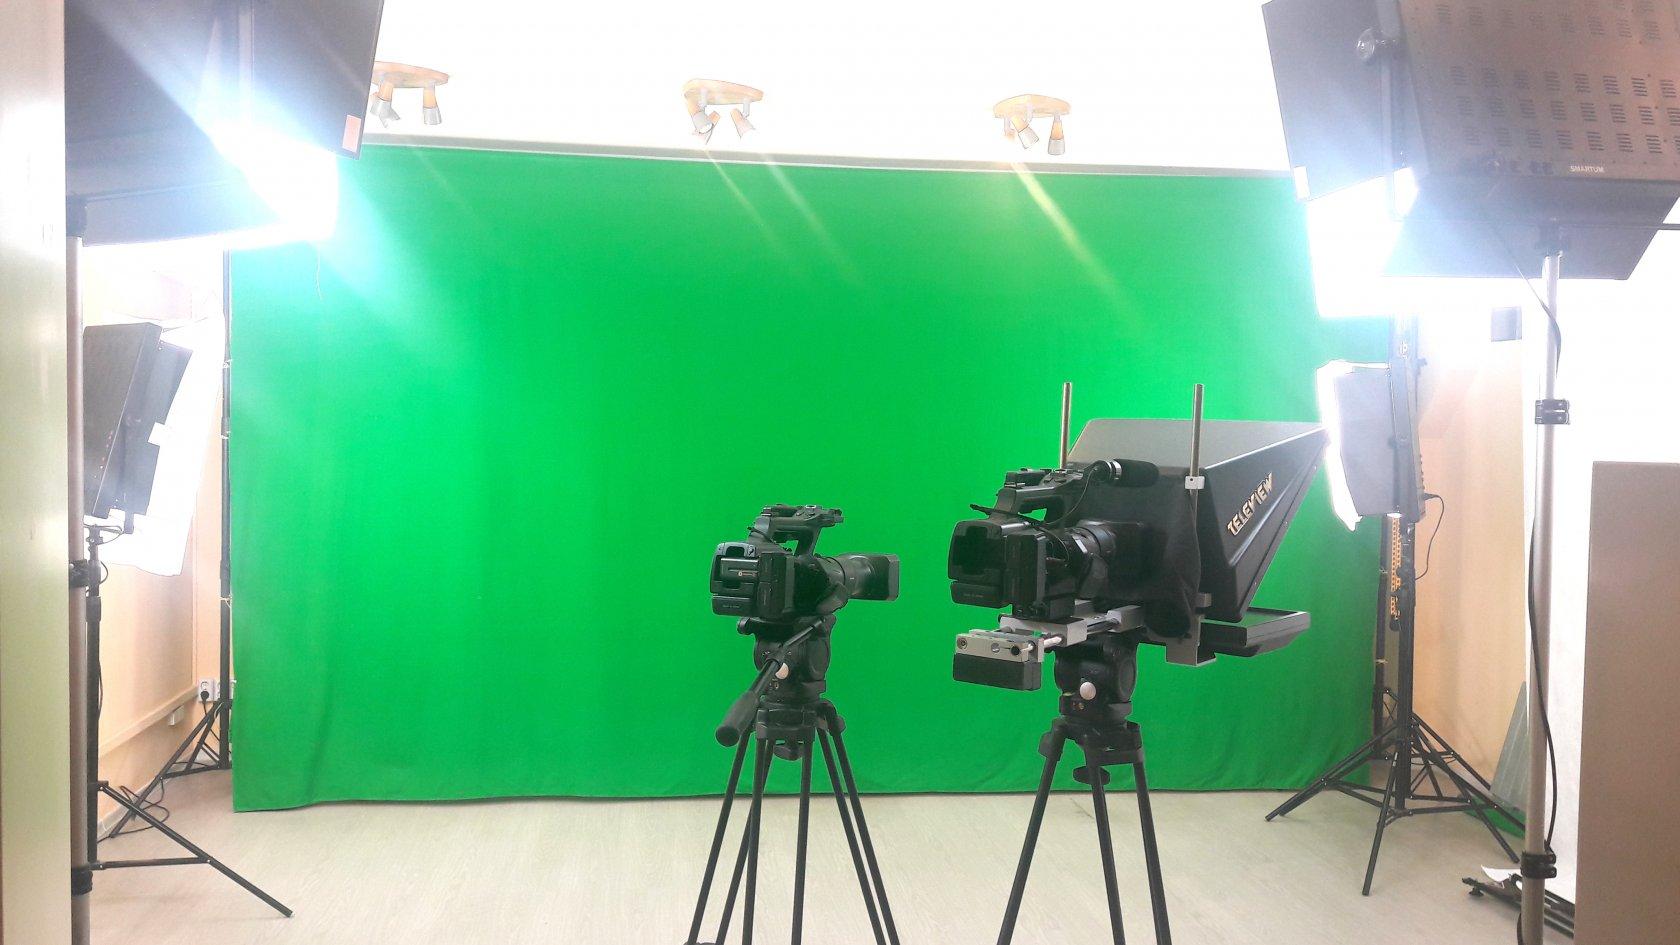 студии для съемки видео водителем партнеров